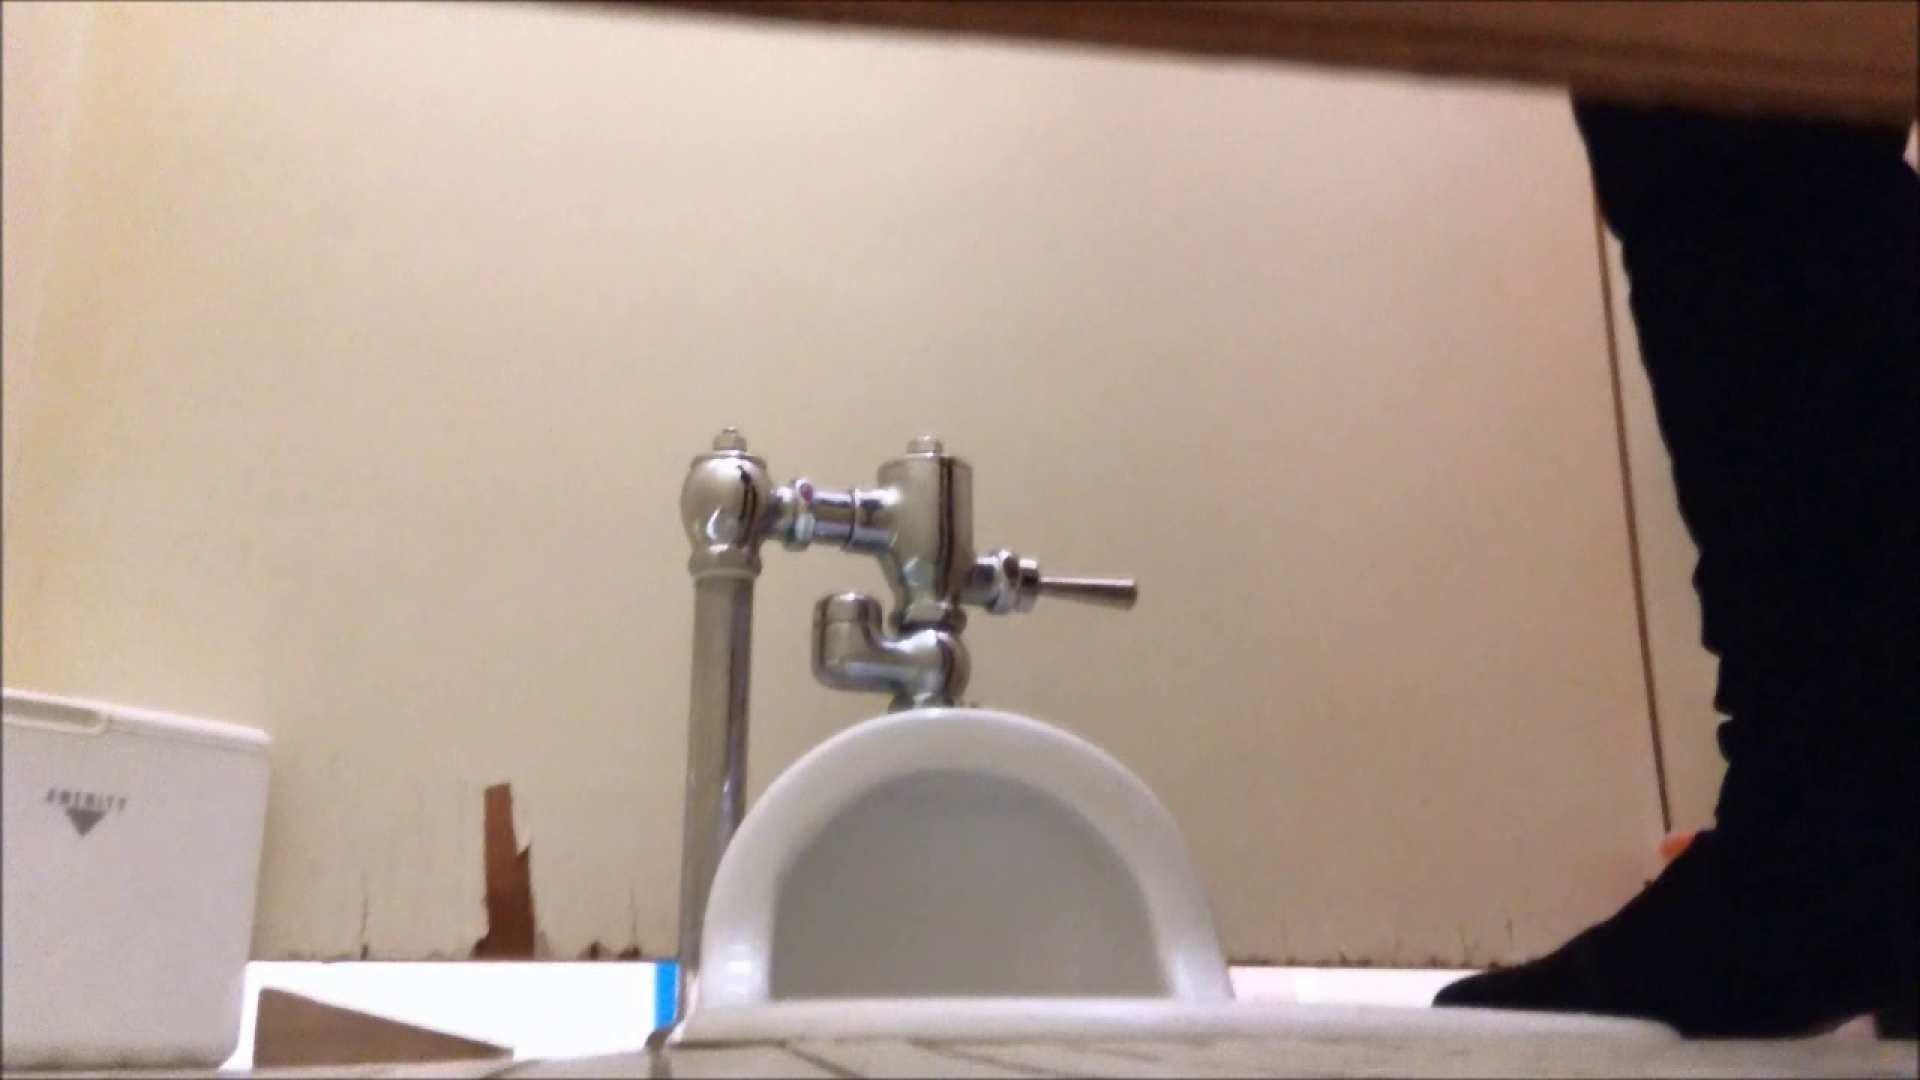 某有名大学女性洗面所 vol.09 和式 オマンコ無修正動画無料 78PIX 40